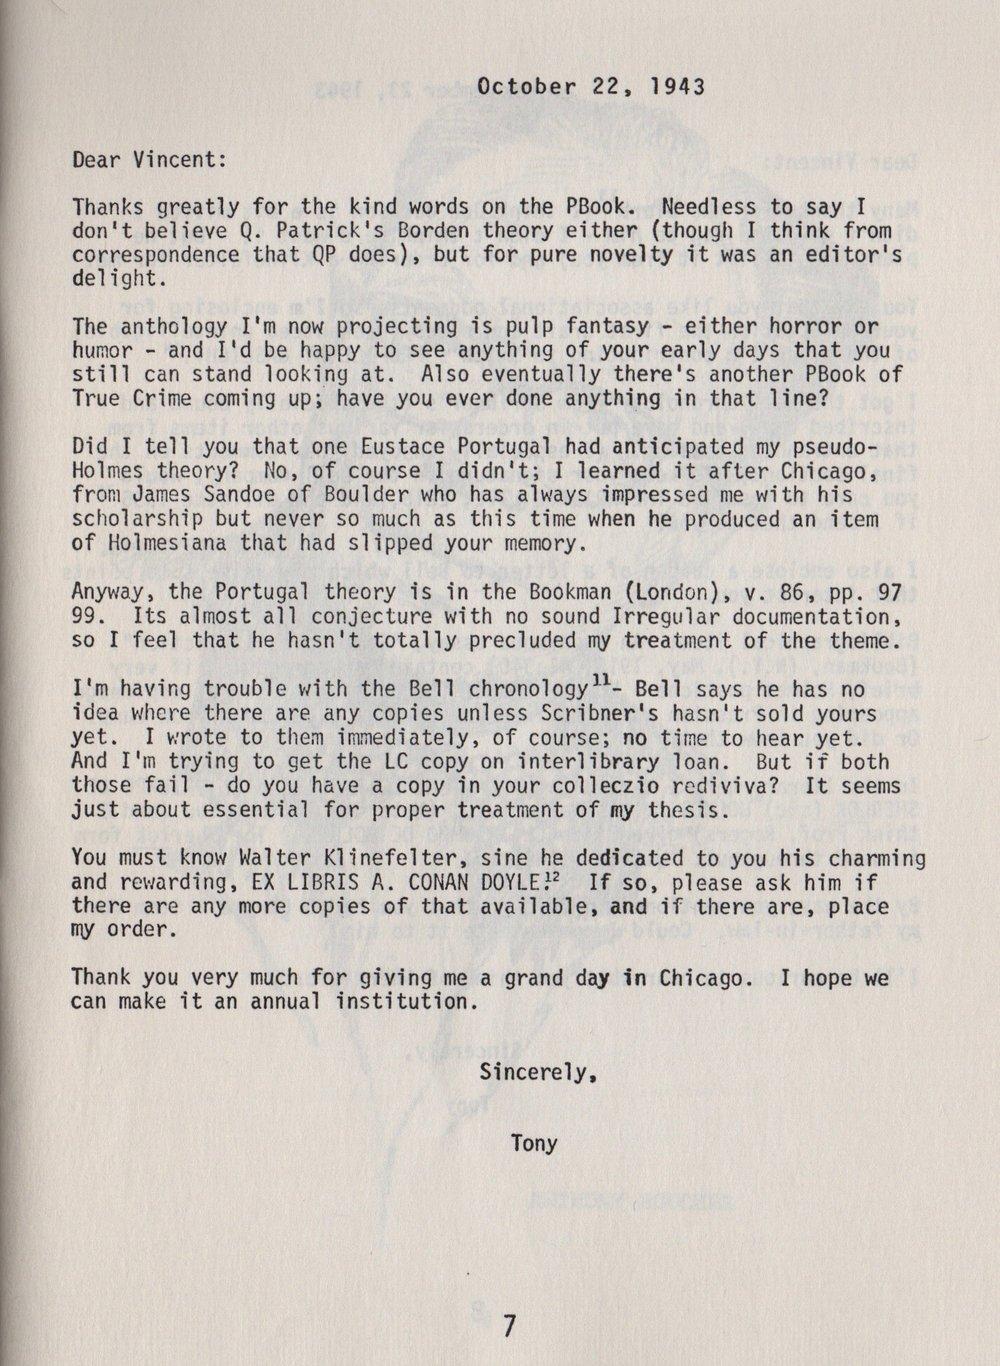 Boucher to Starrett letter.jpg